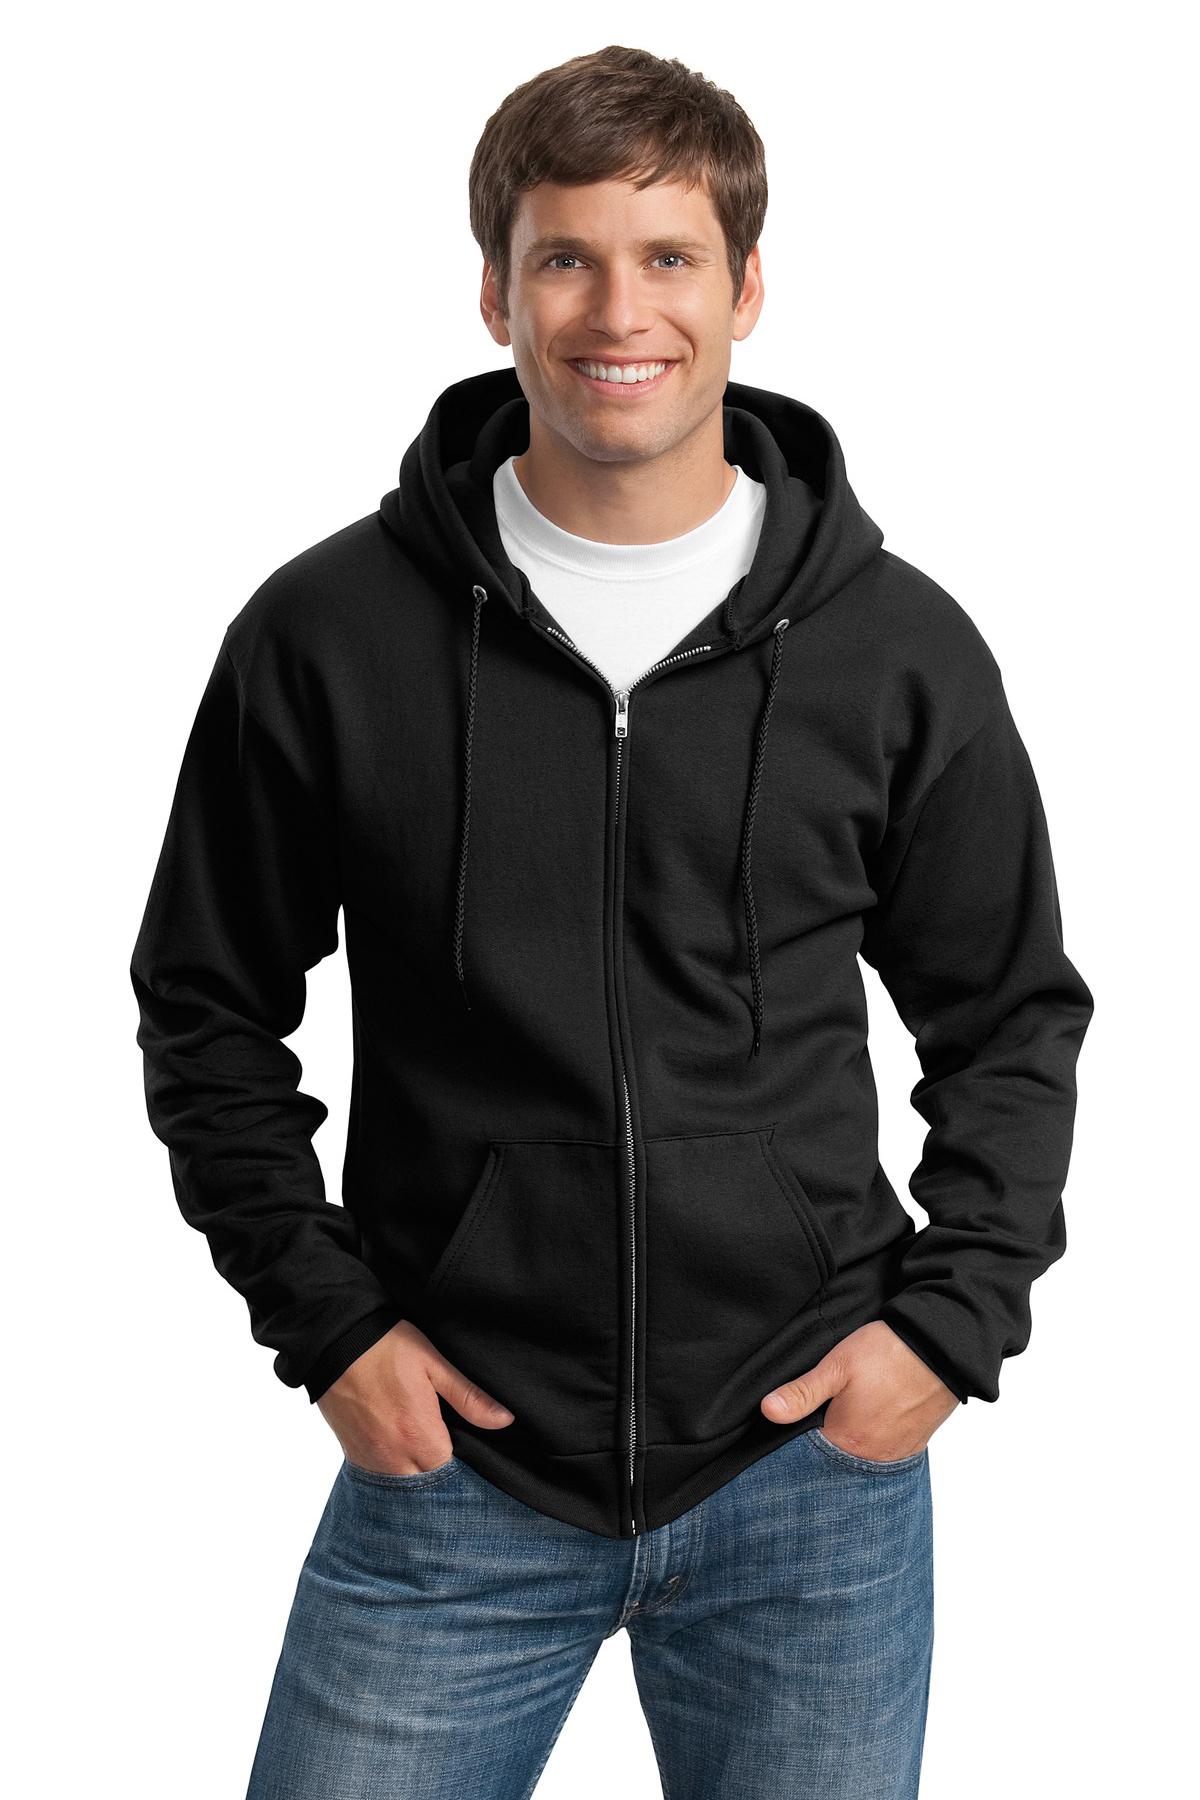 Sweatshirts-Fleece-Hooded-48